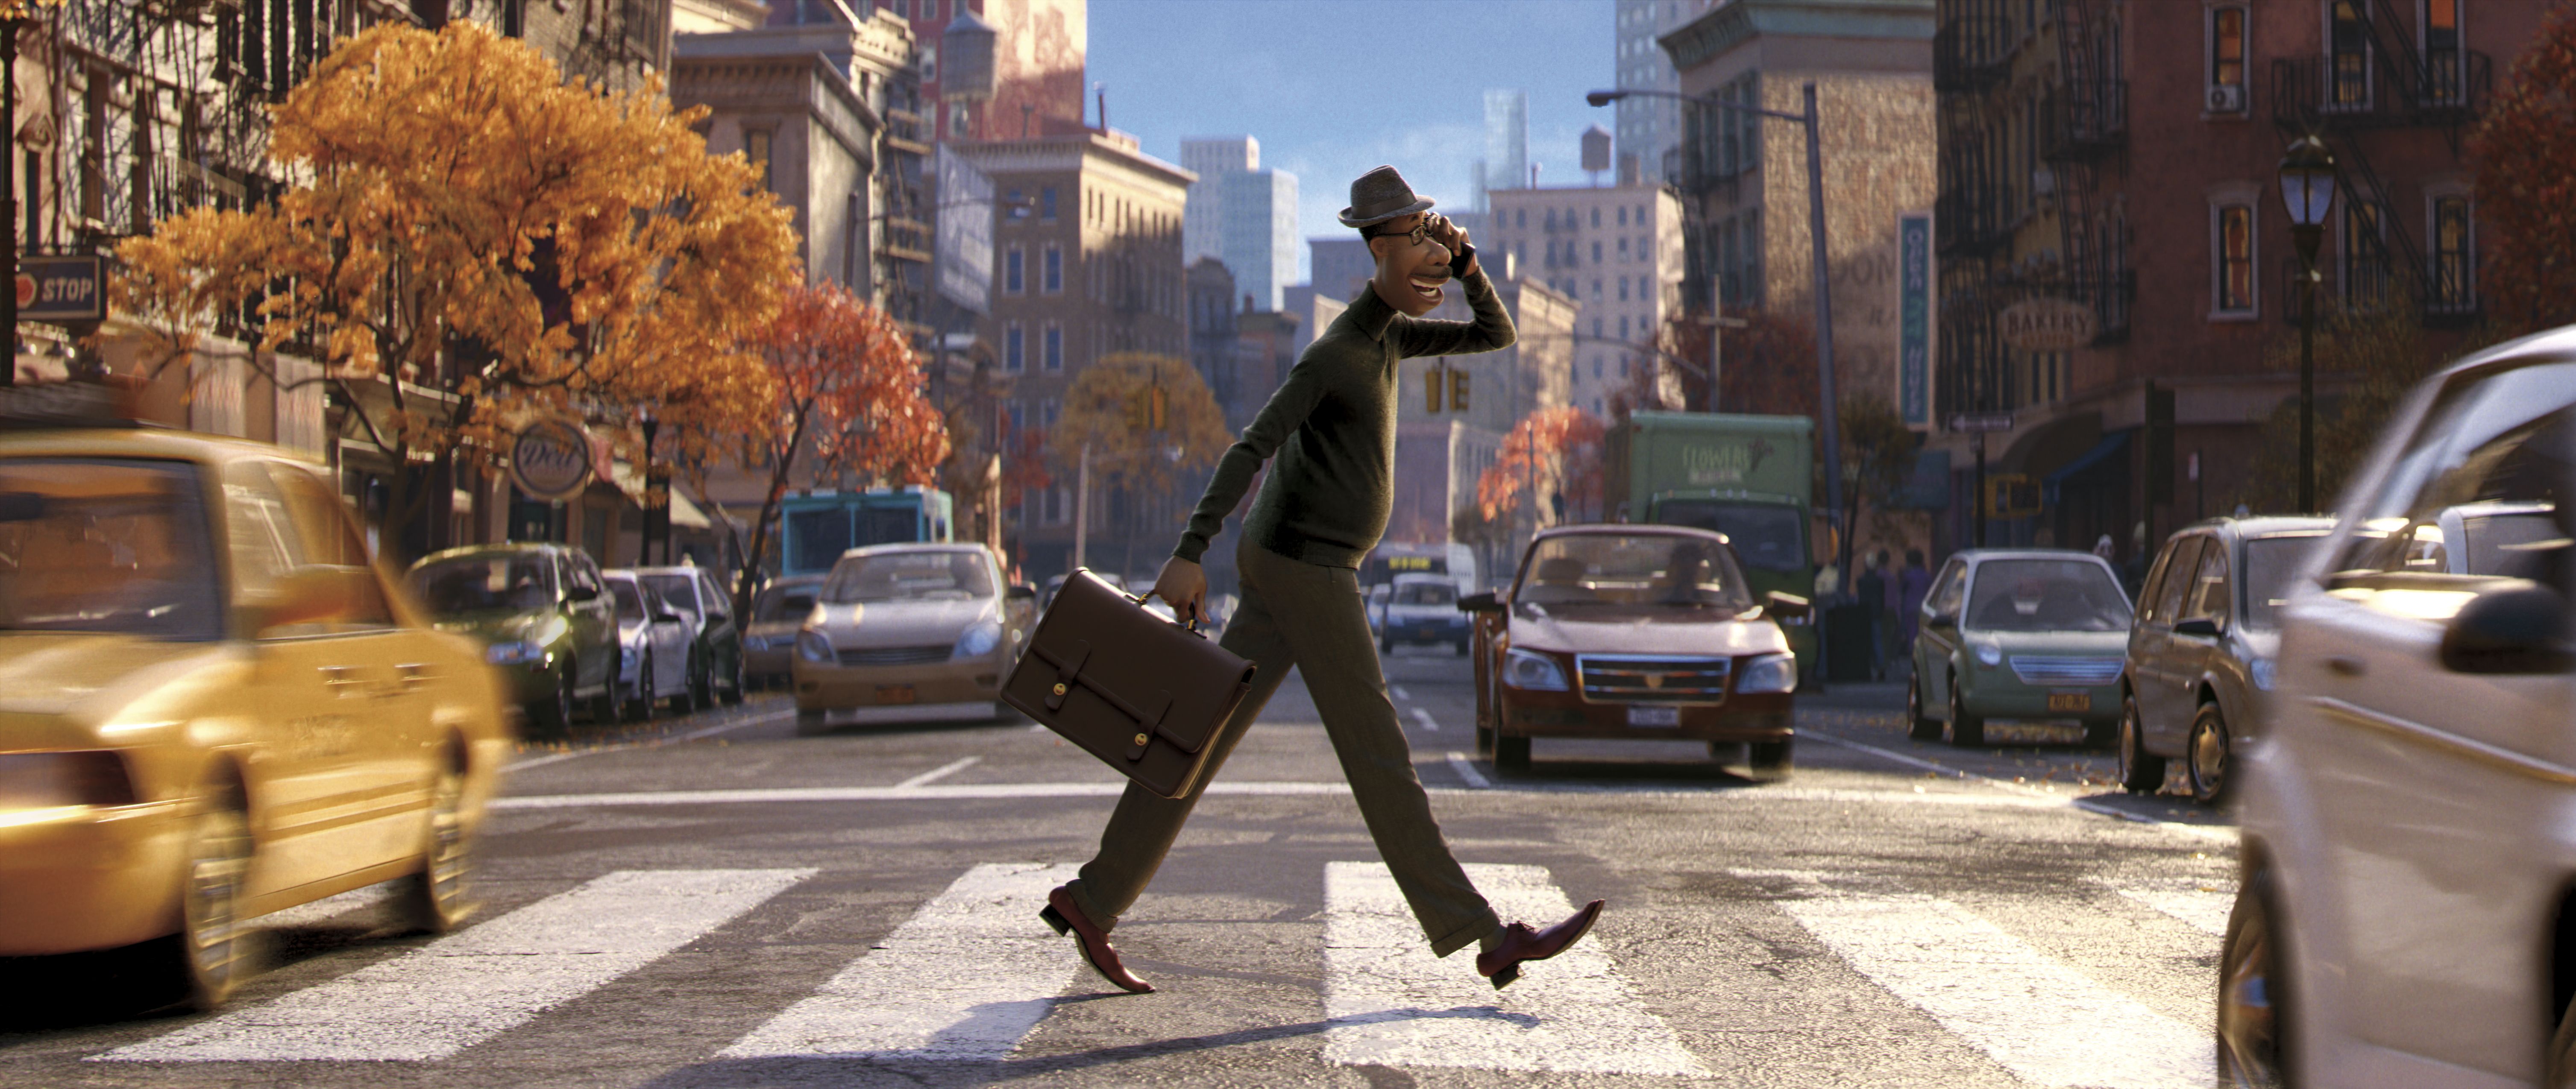 'Soul' de Pixar (Disney). Estreno previsto para el 20 de noviembre.